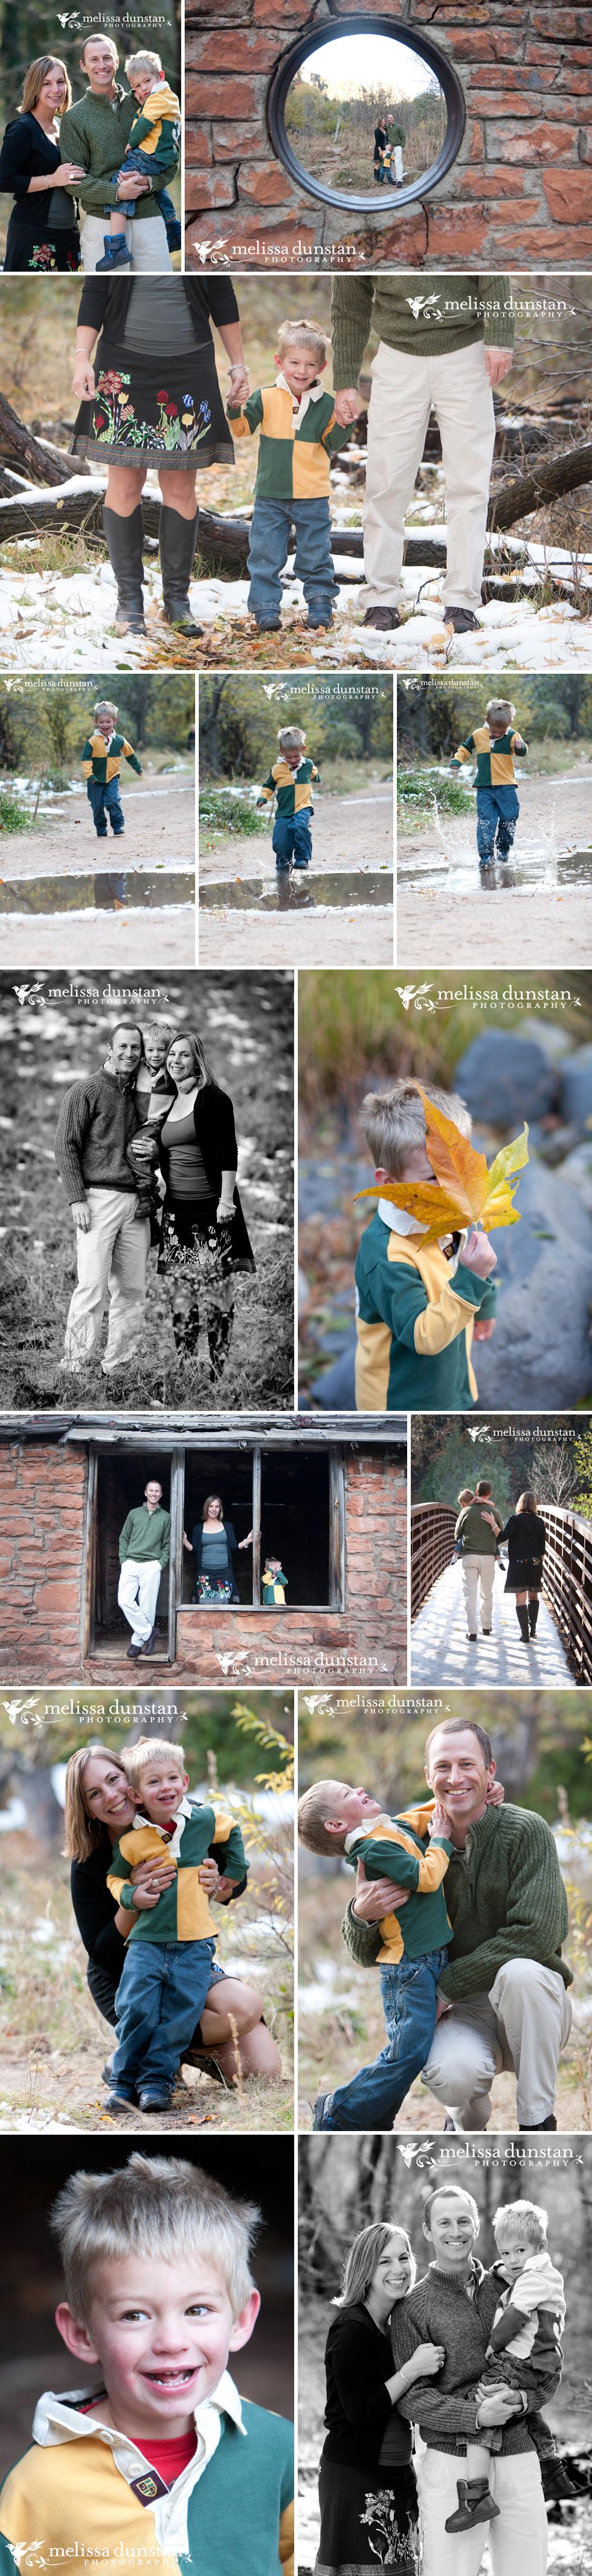 Sedona Family Photography Arizona